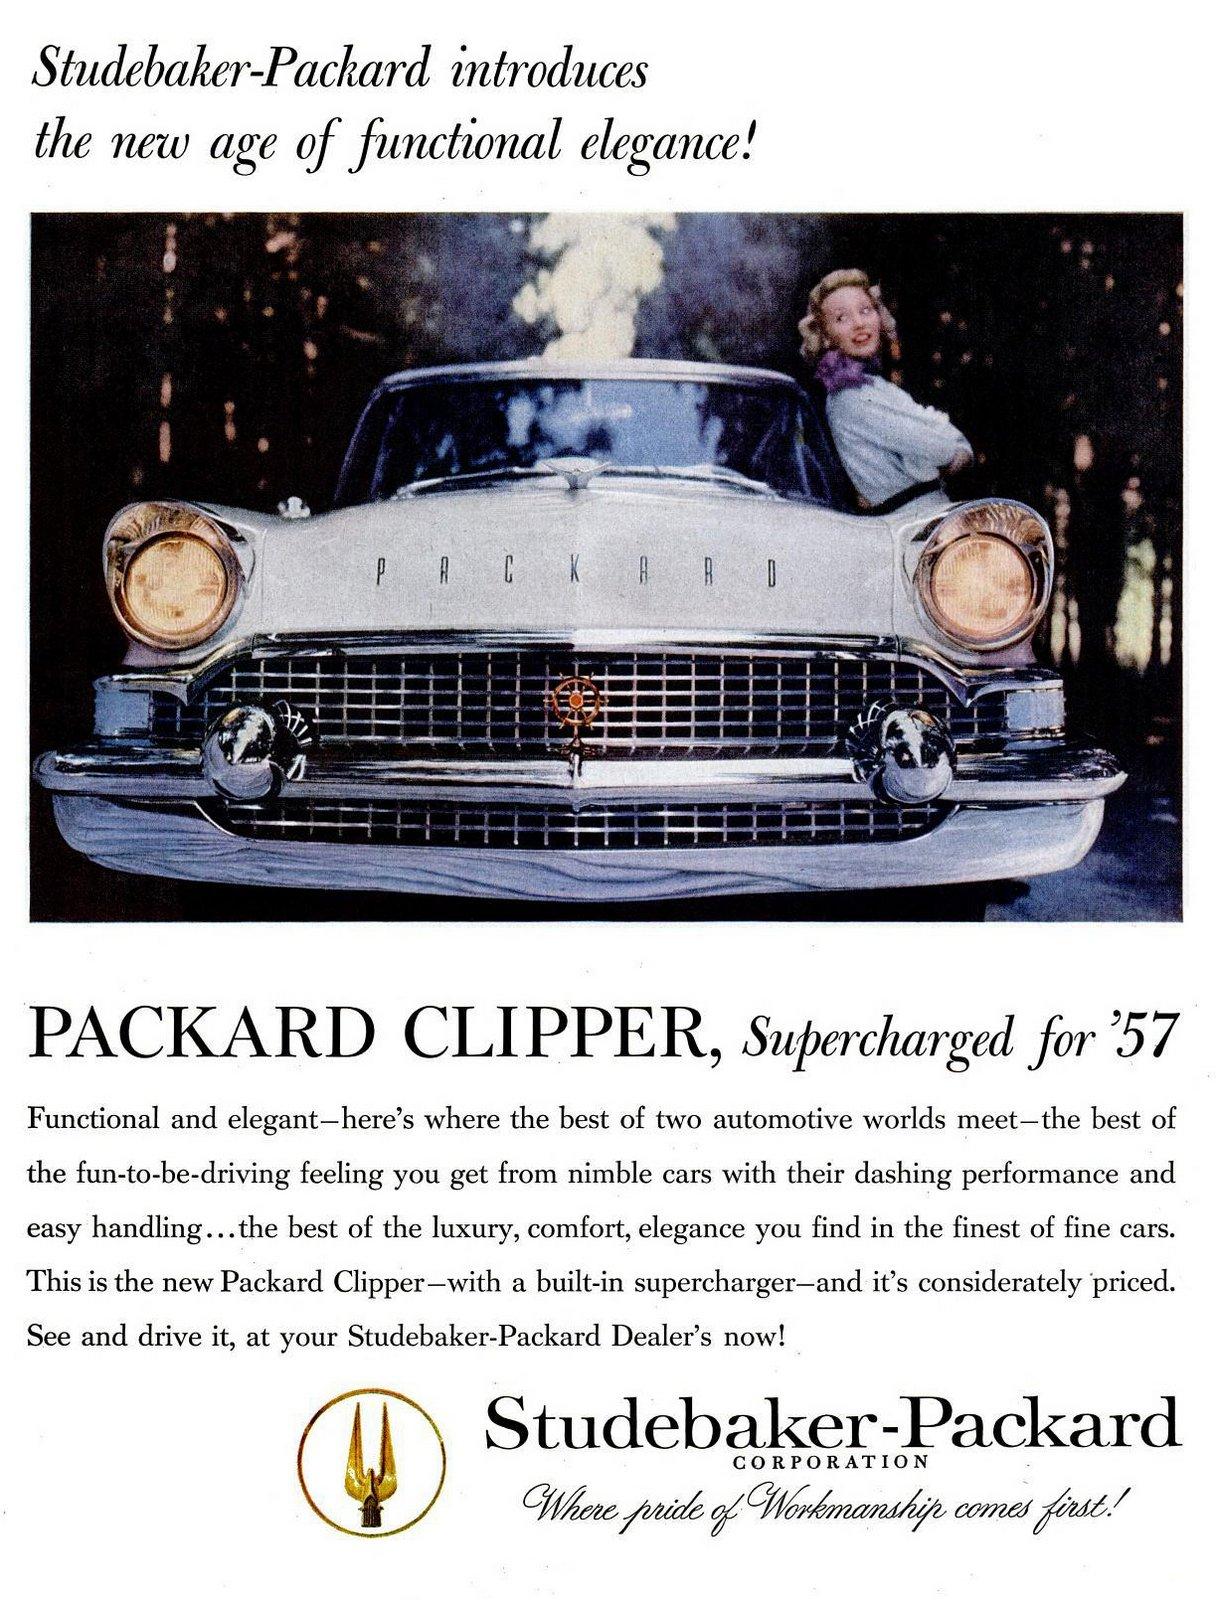 1957 Studebaker-Packard Clipper